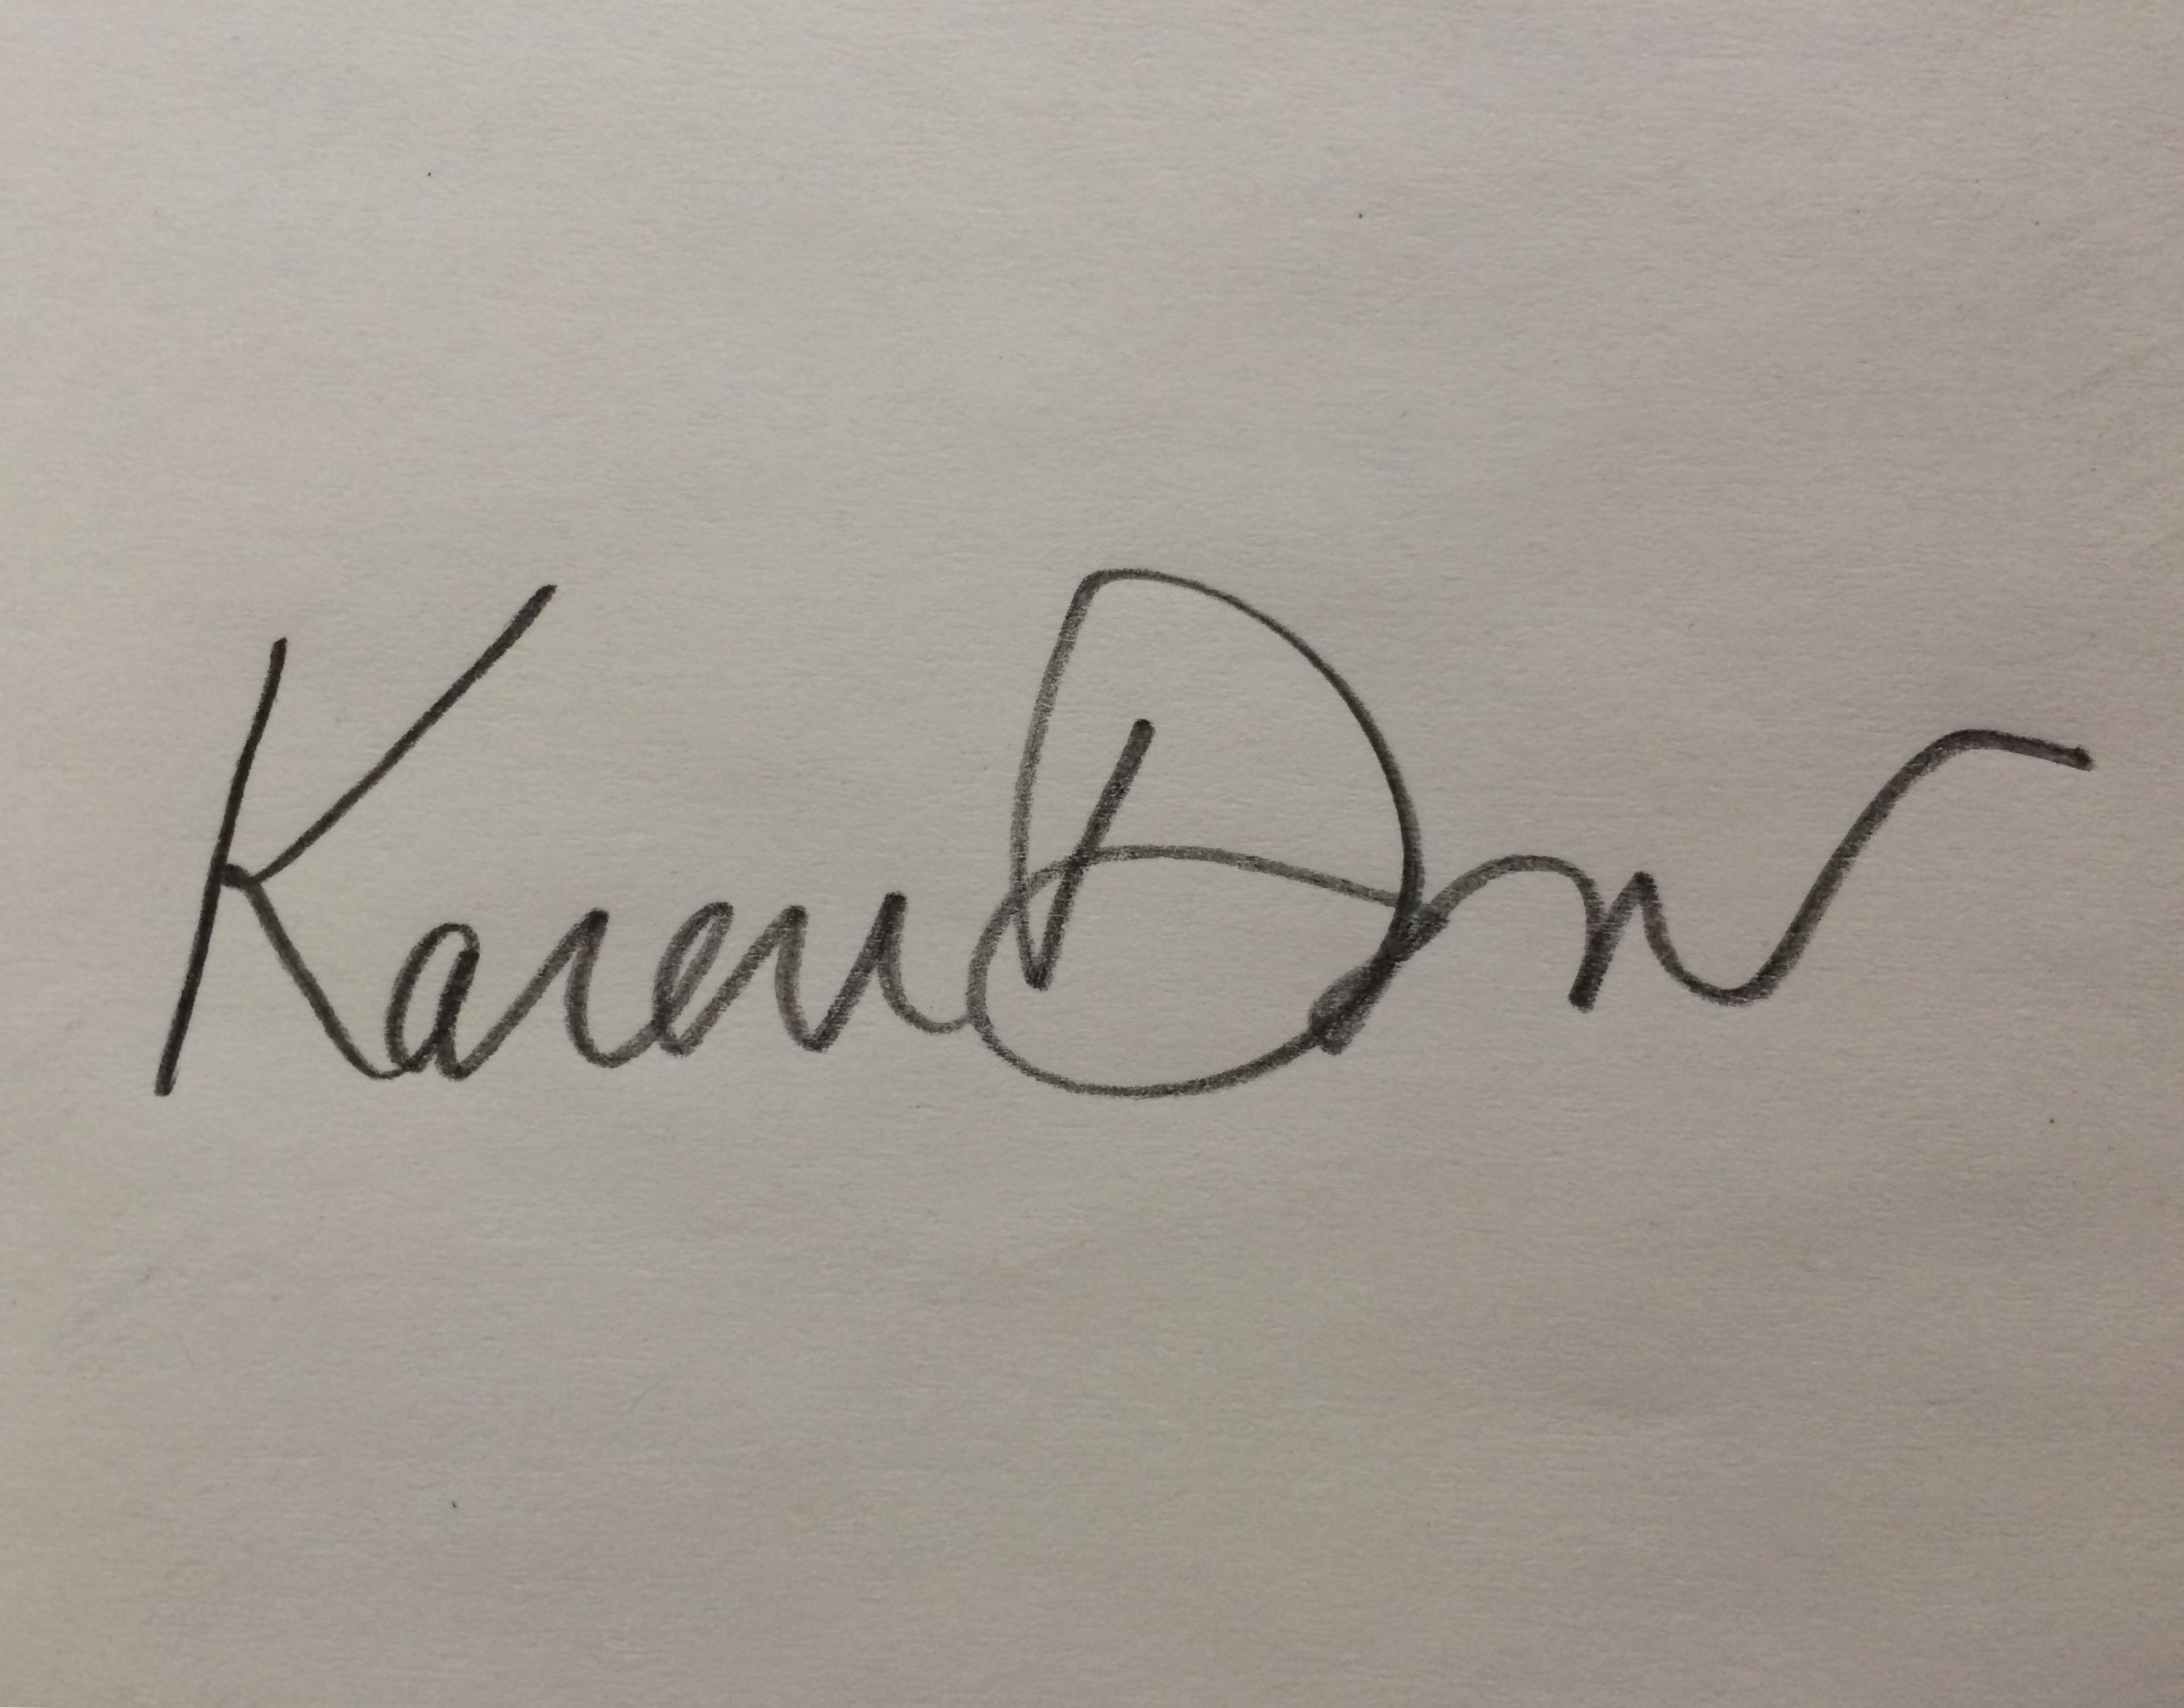 Karen Dow Signature